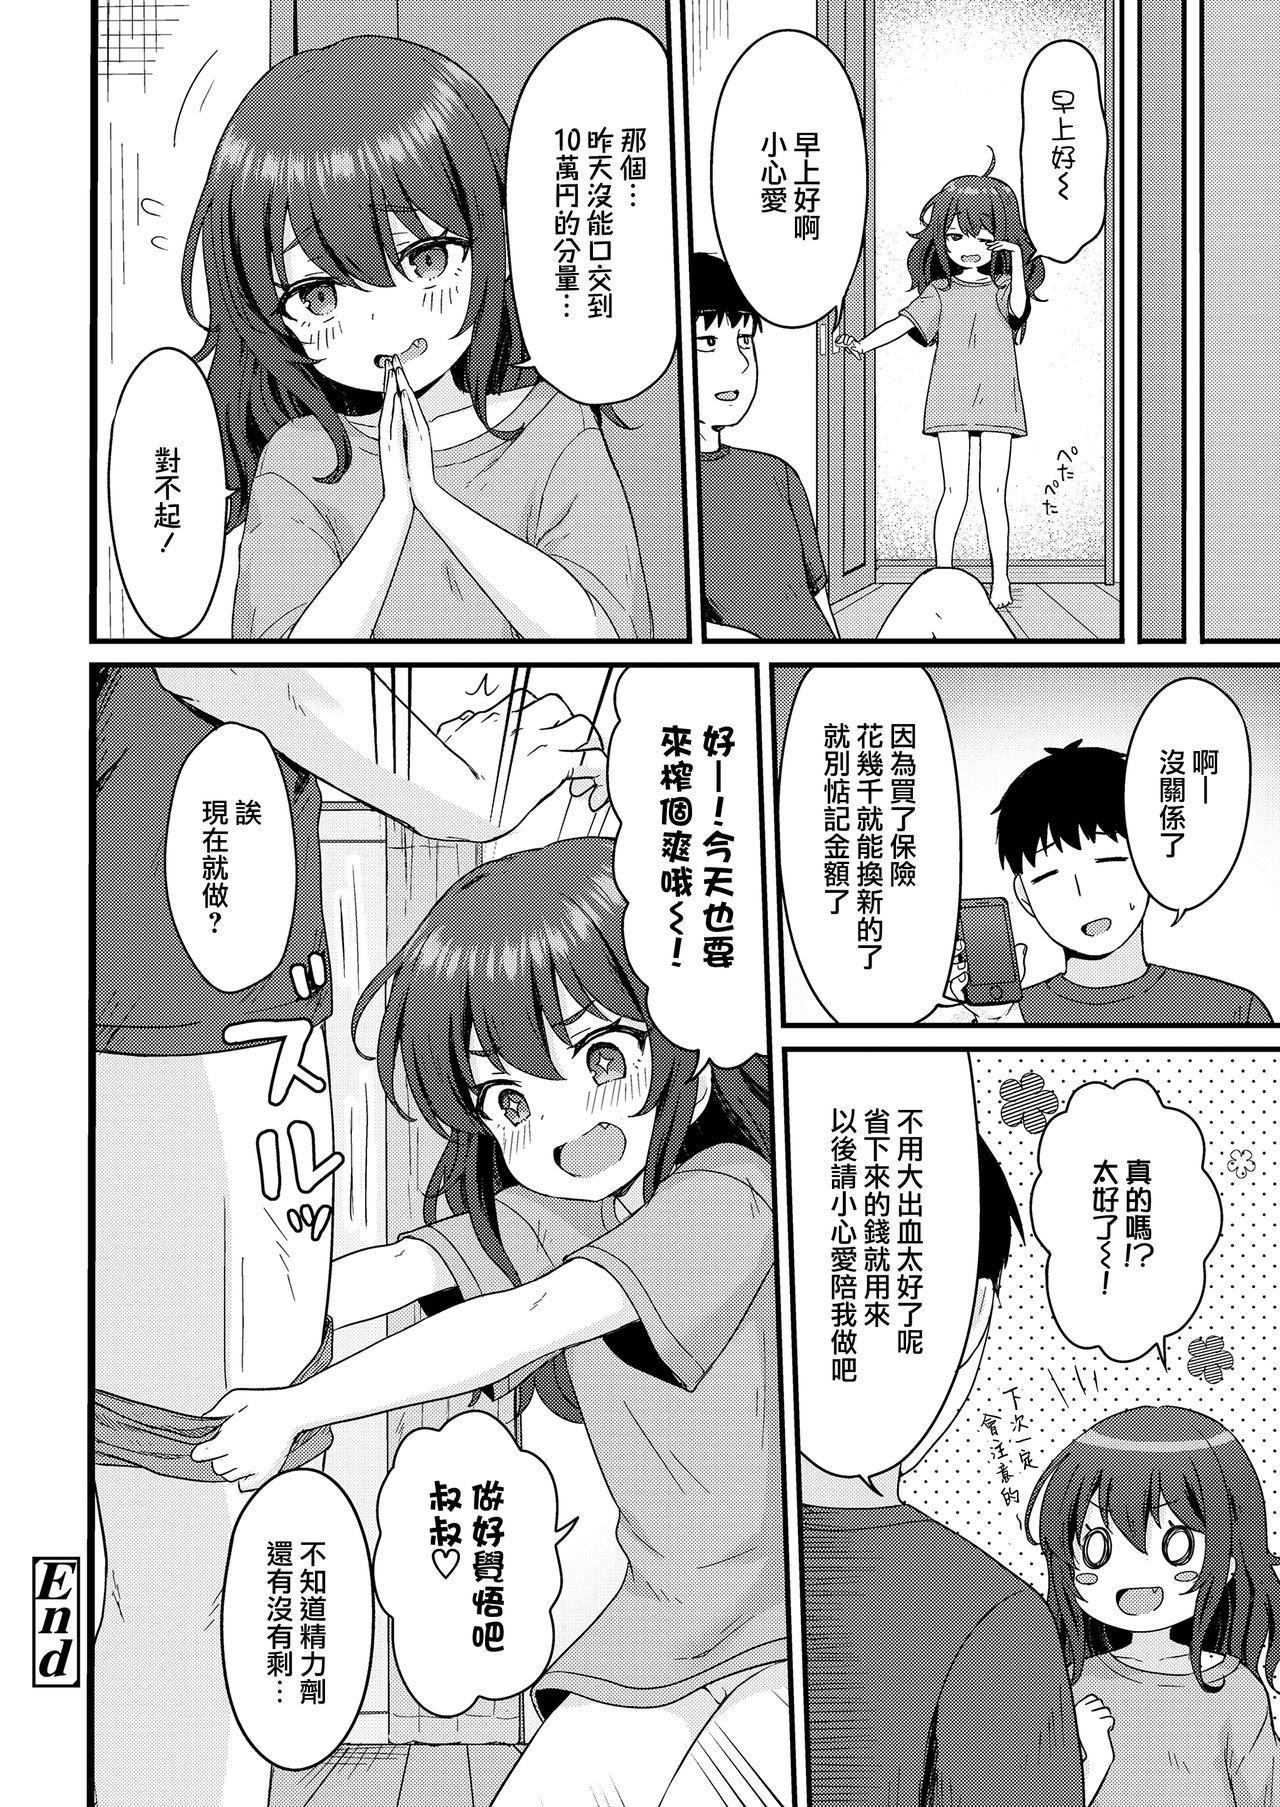 Kokoa-chan no Otetsudai 17